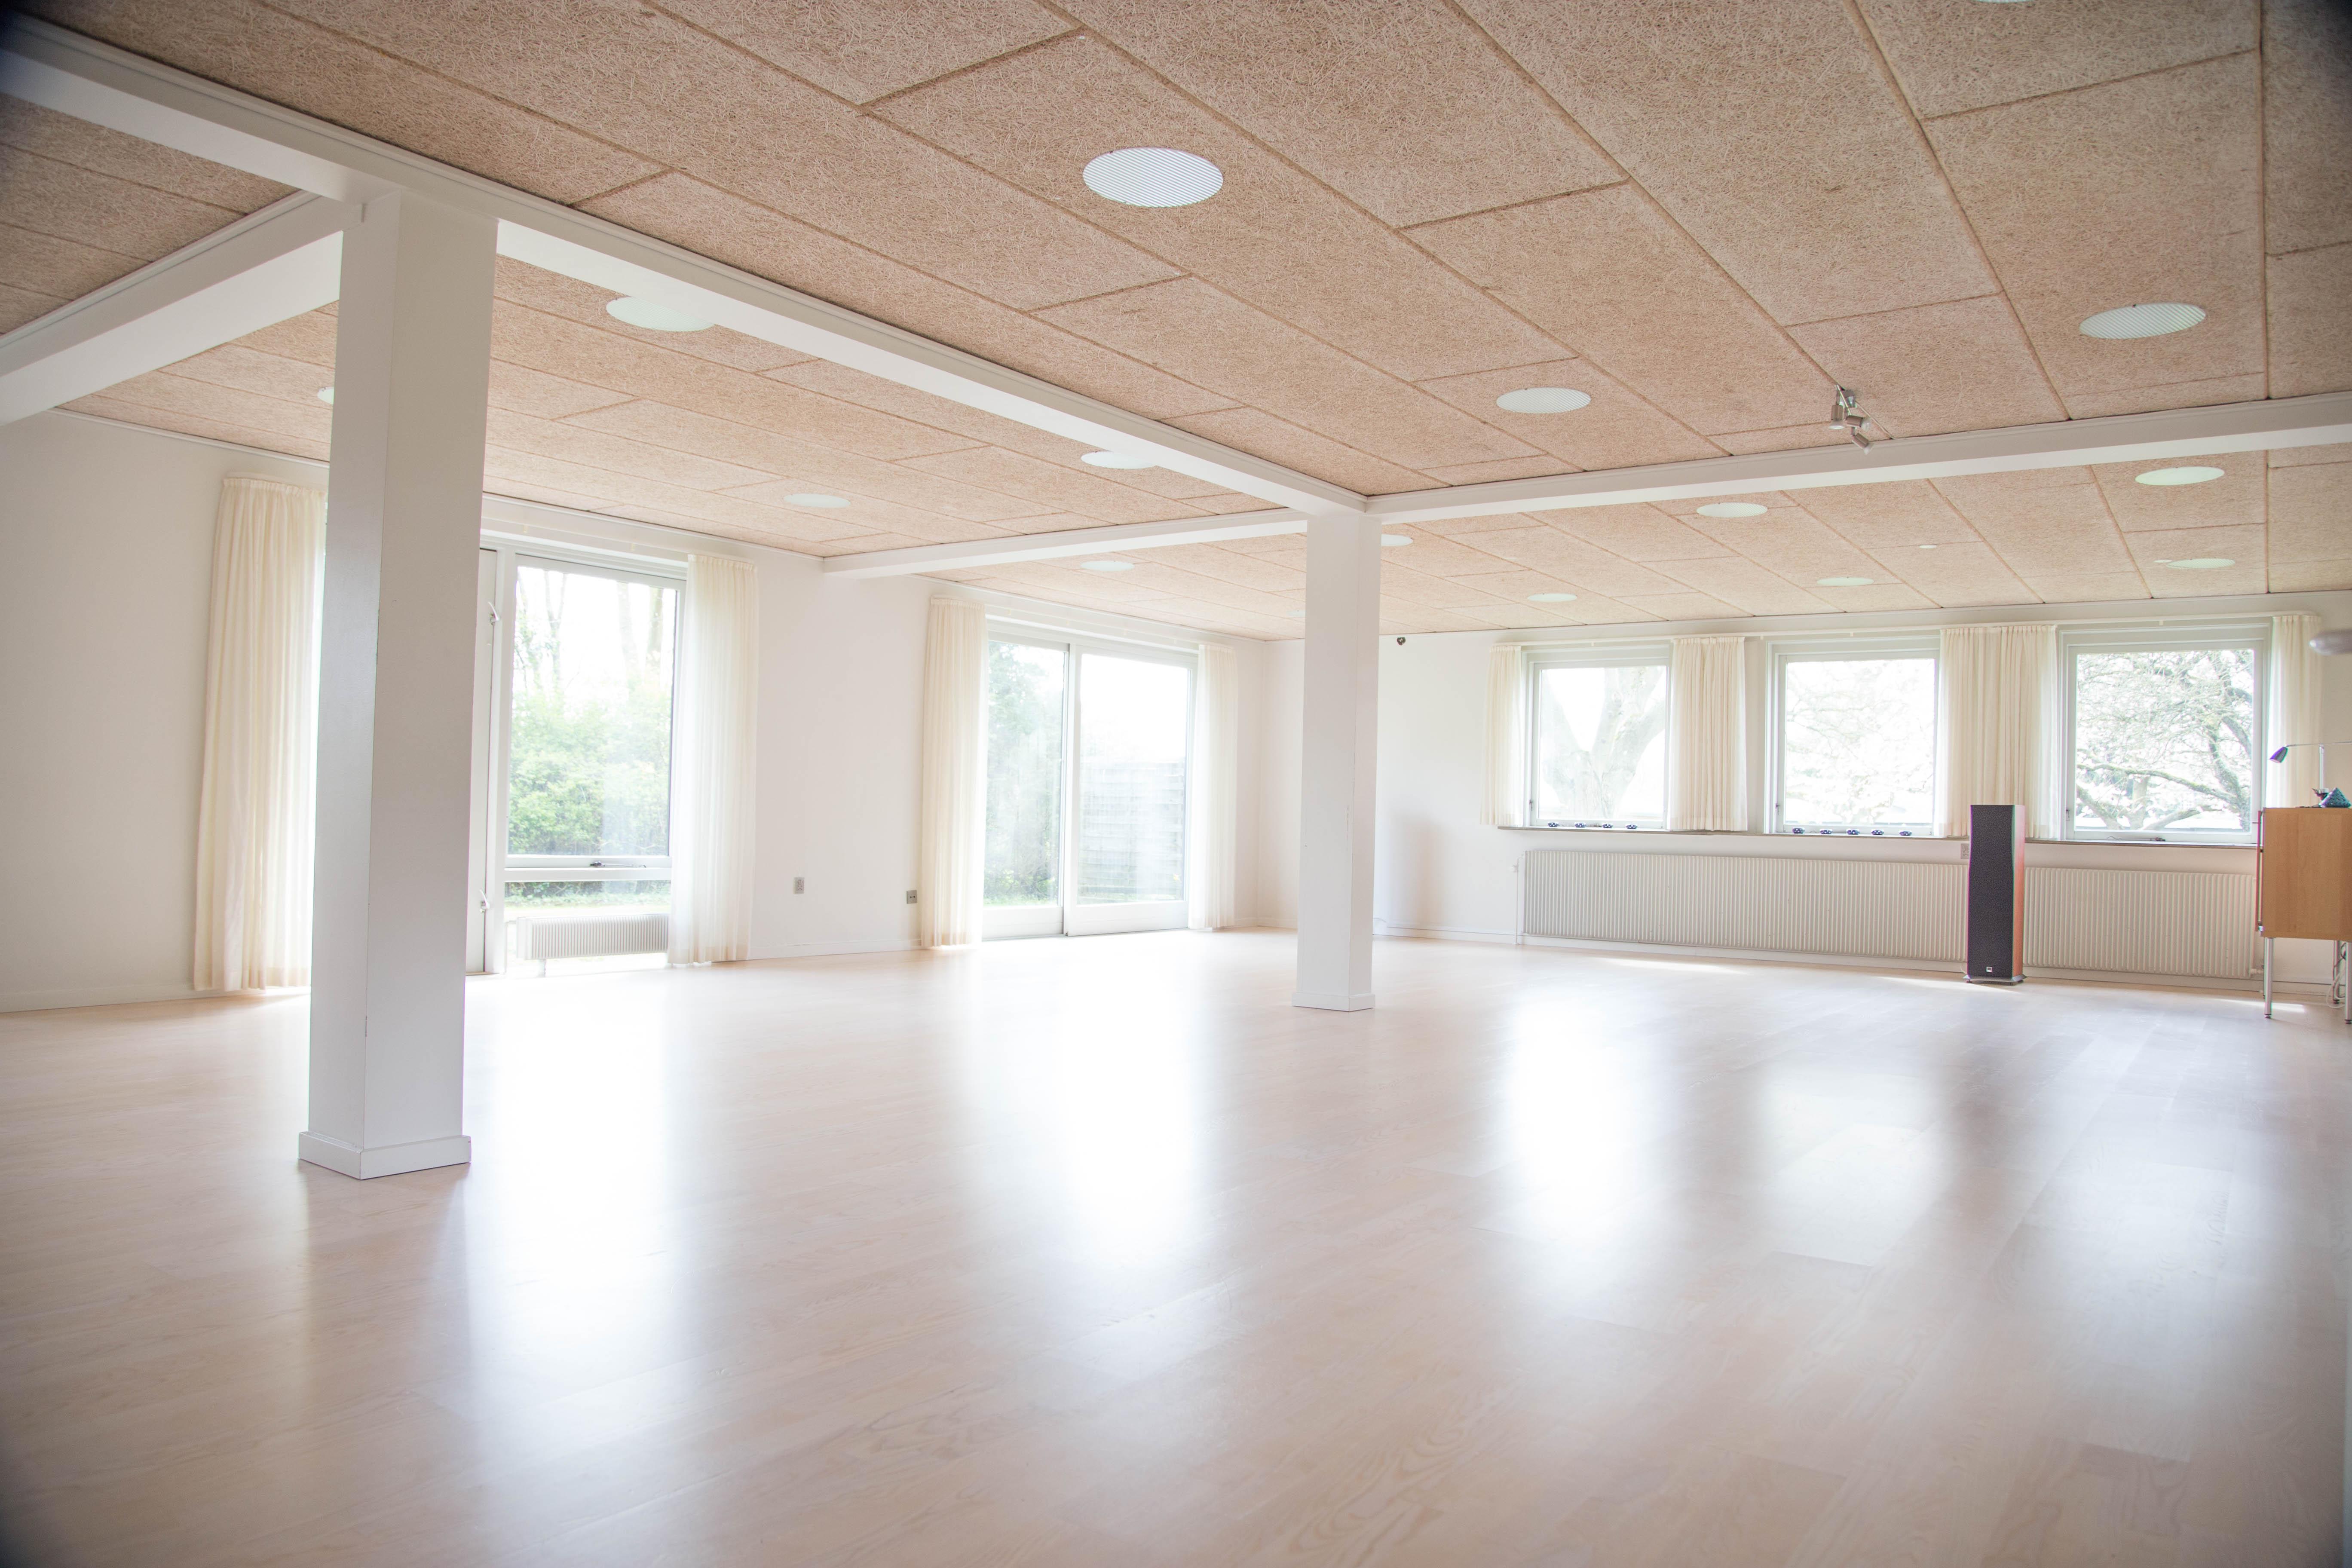 Faciliteterne på Skolen for Krop & Bevidsthed